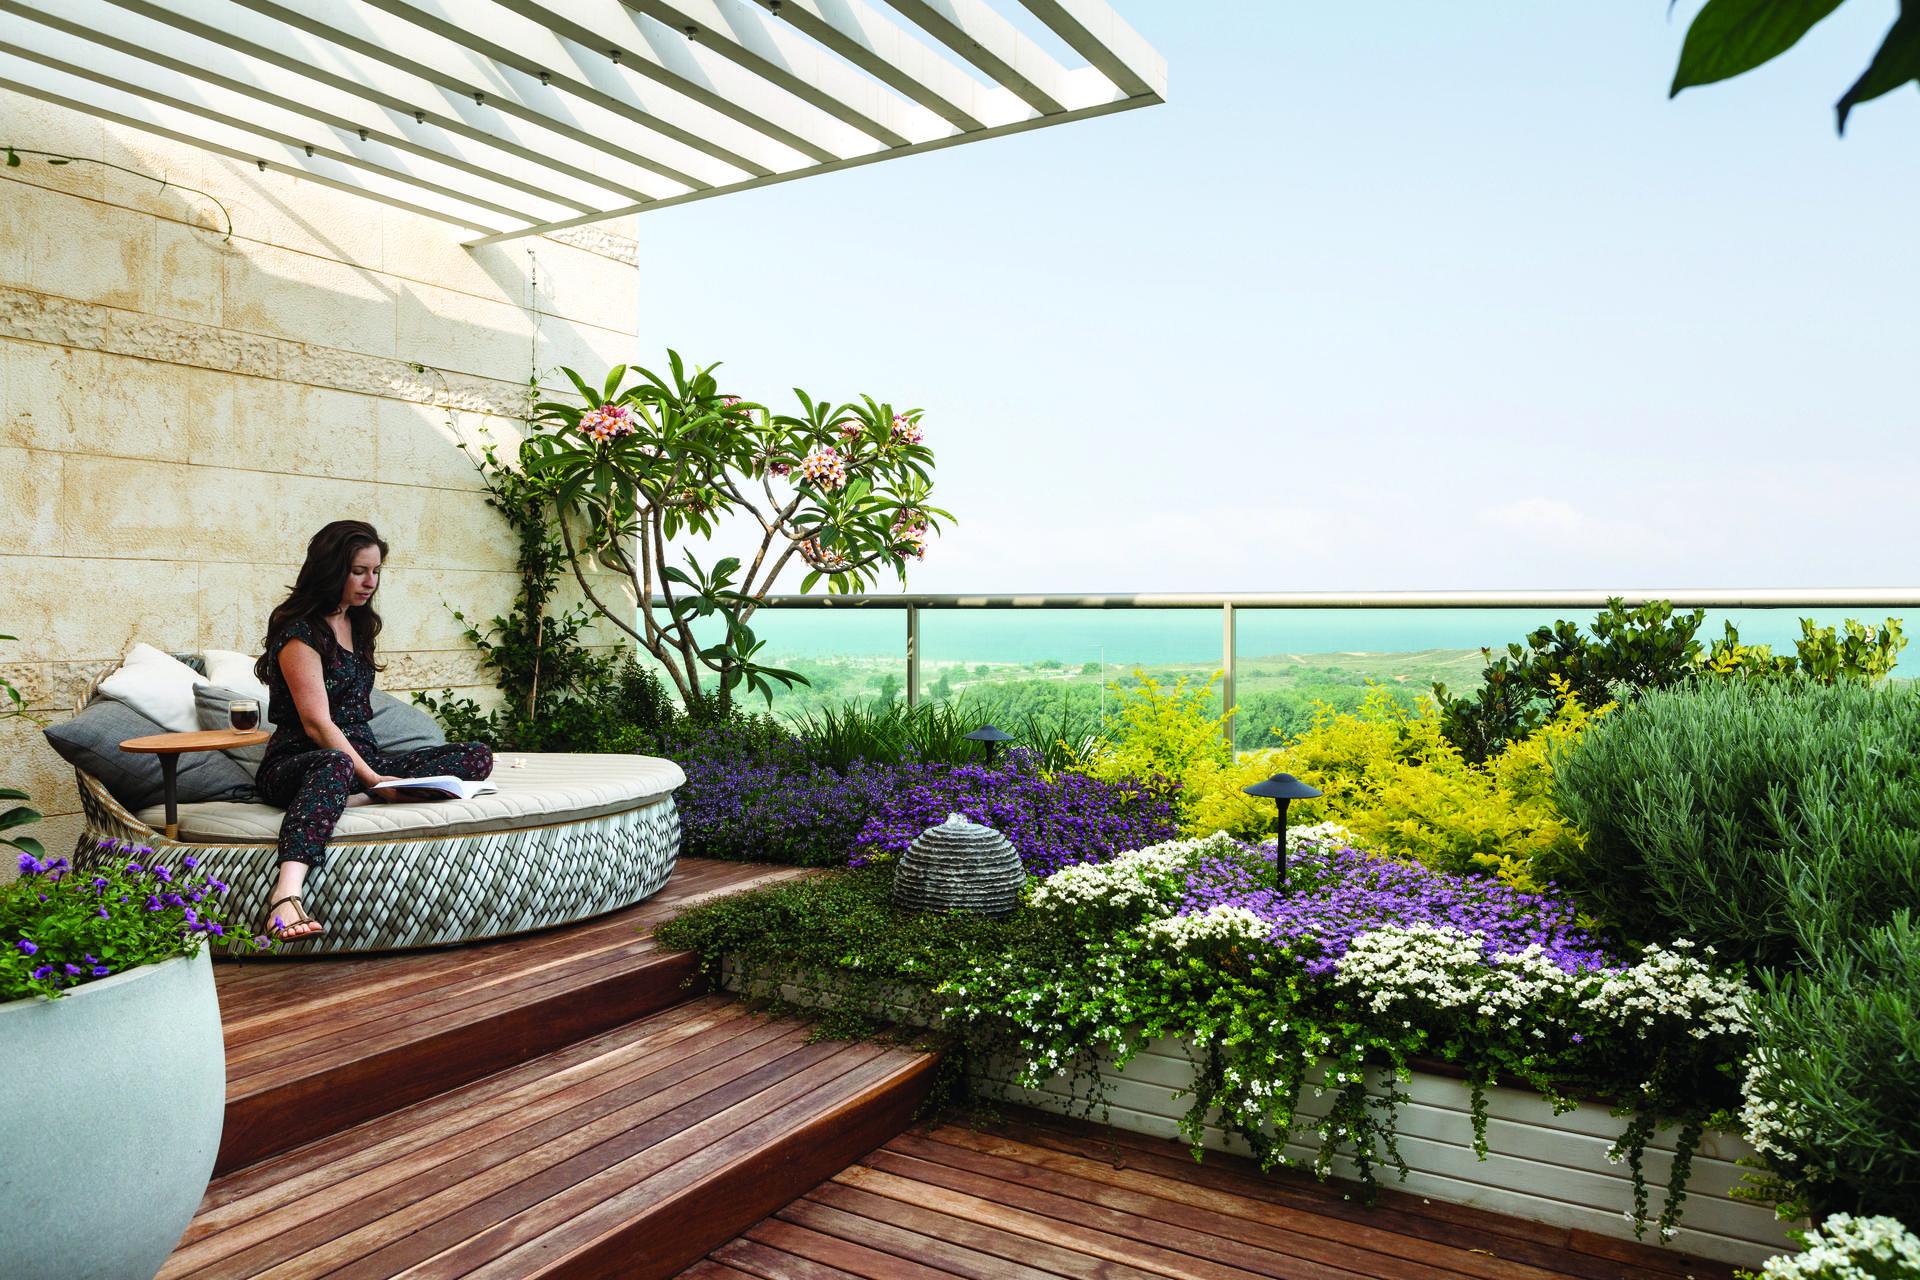 גינה מושקעת לפיקניק ביתי, כרכום עיצוב נוף. צילום: עמית גירון